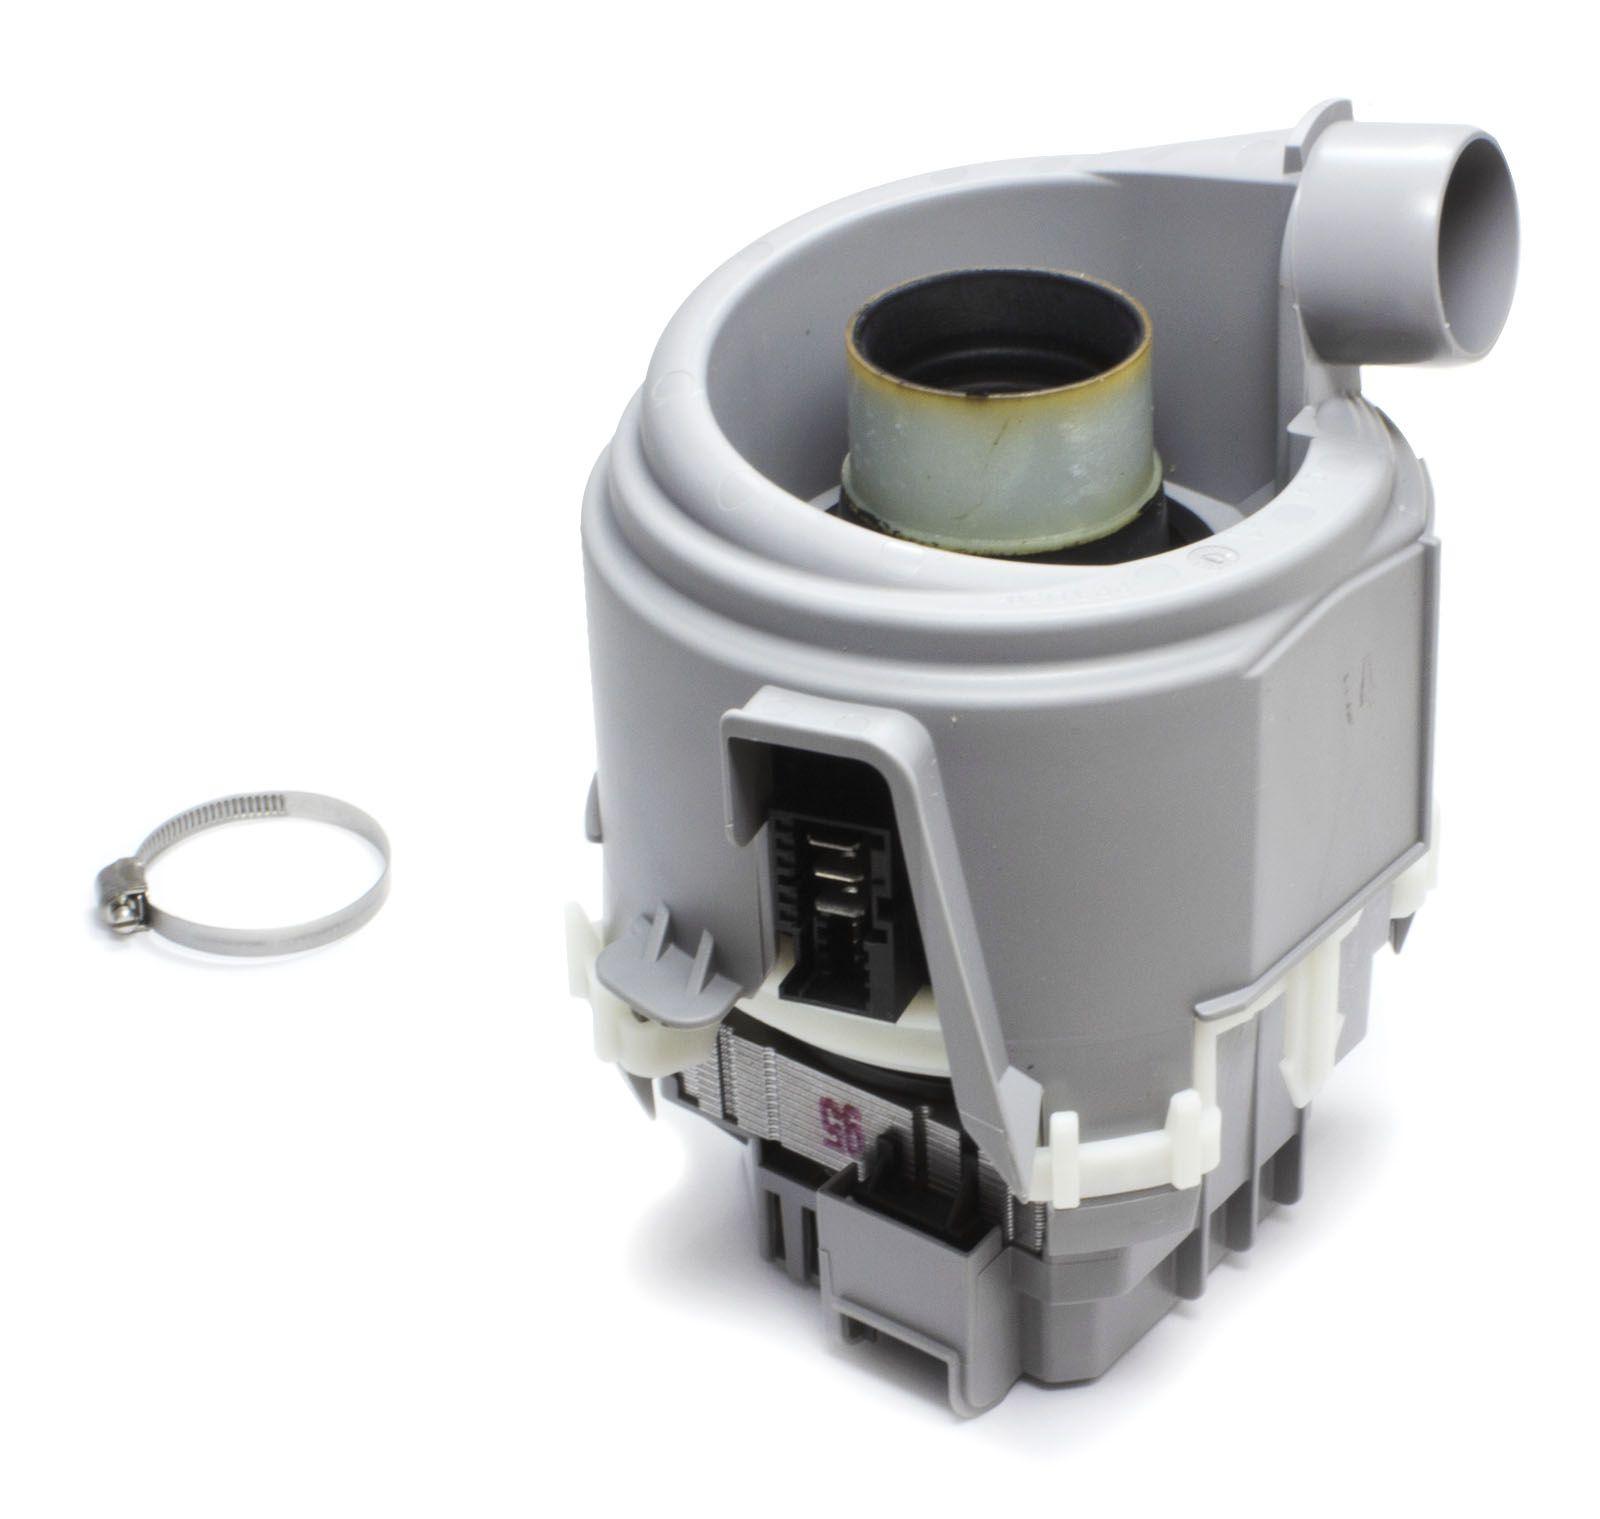 originální čerpadlo oběhové, cirkulační vč. ohřevu pro myčky Bosch a Siemens - 00651956 Bosch / Siemens